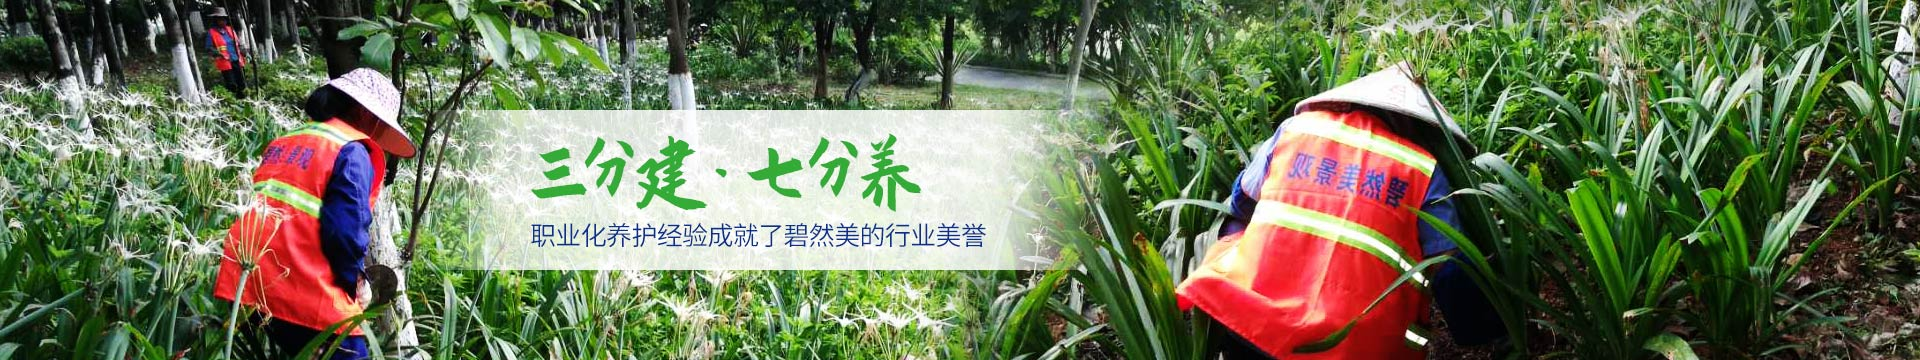 碧然美-園林綠化養護